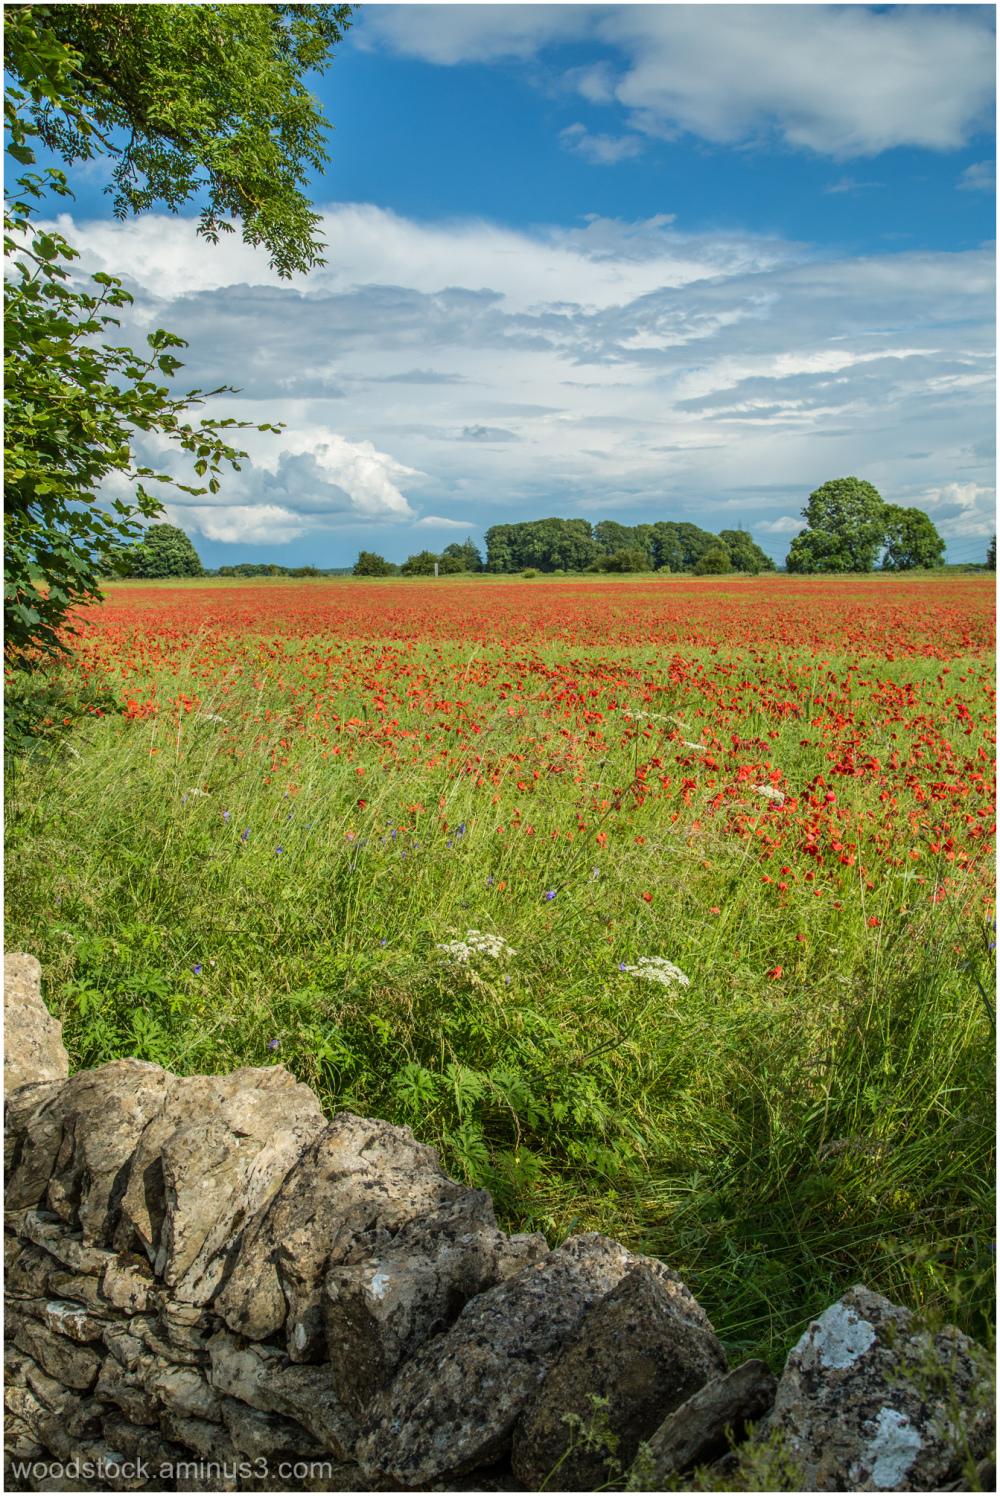 Near Fossebridge, Gloucestershire